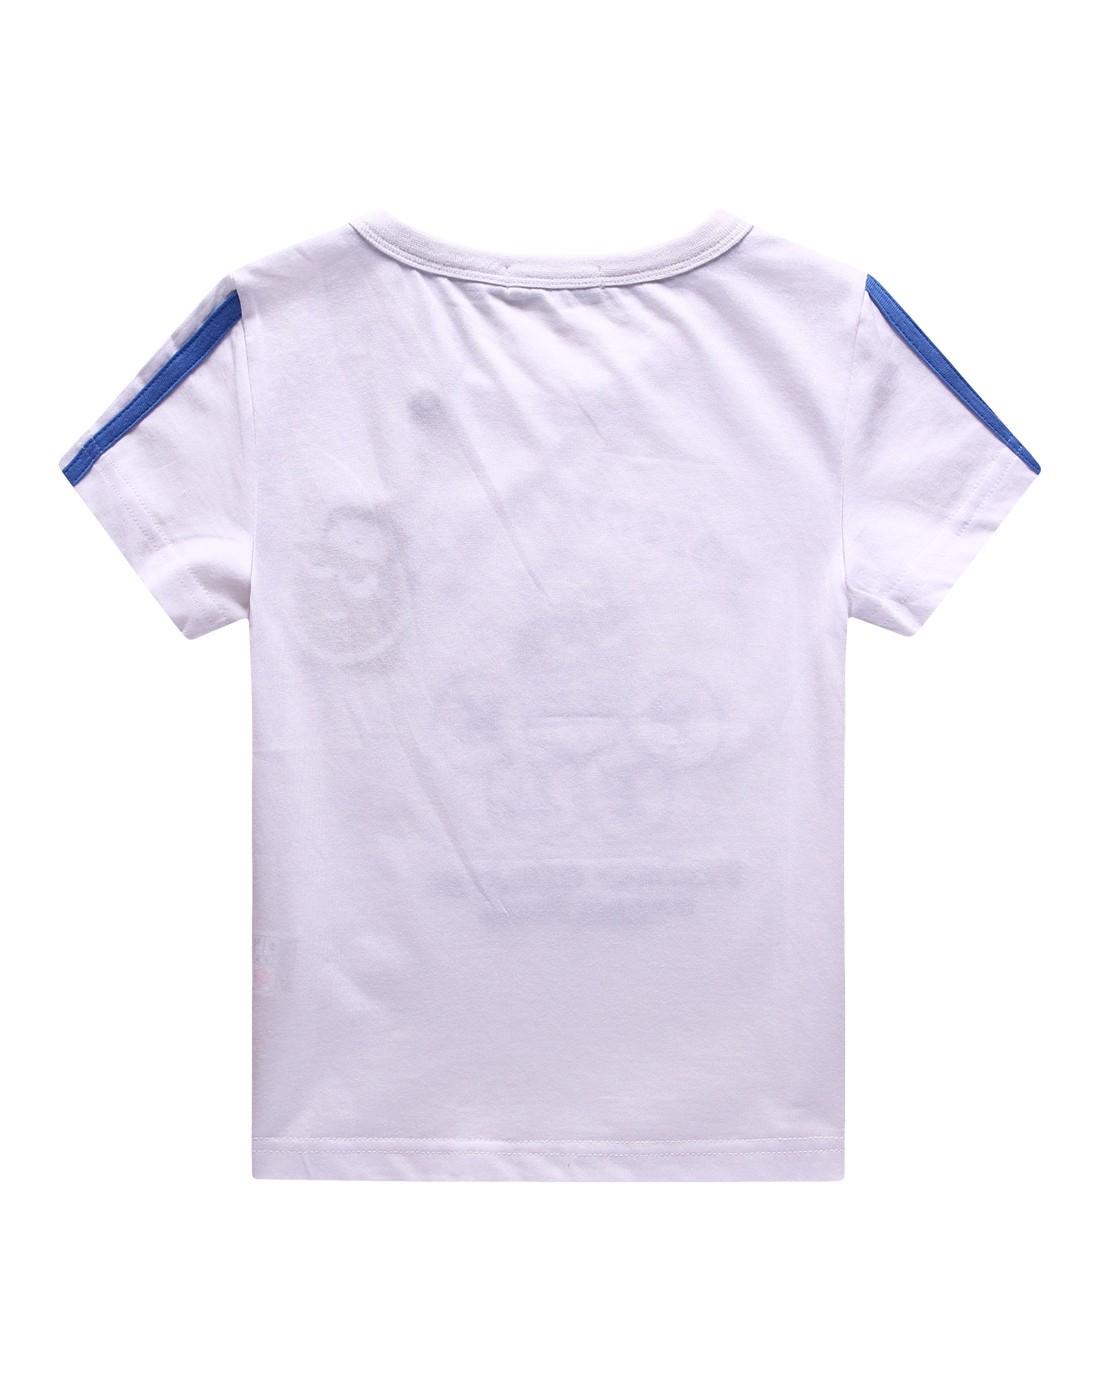 男童白色短袖儿童t恤